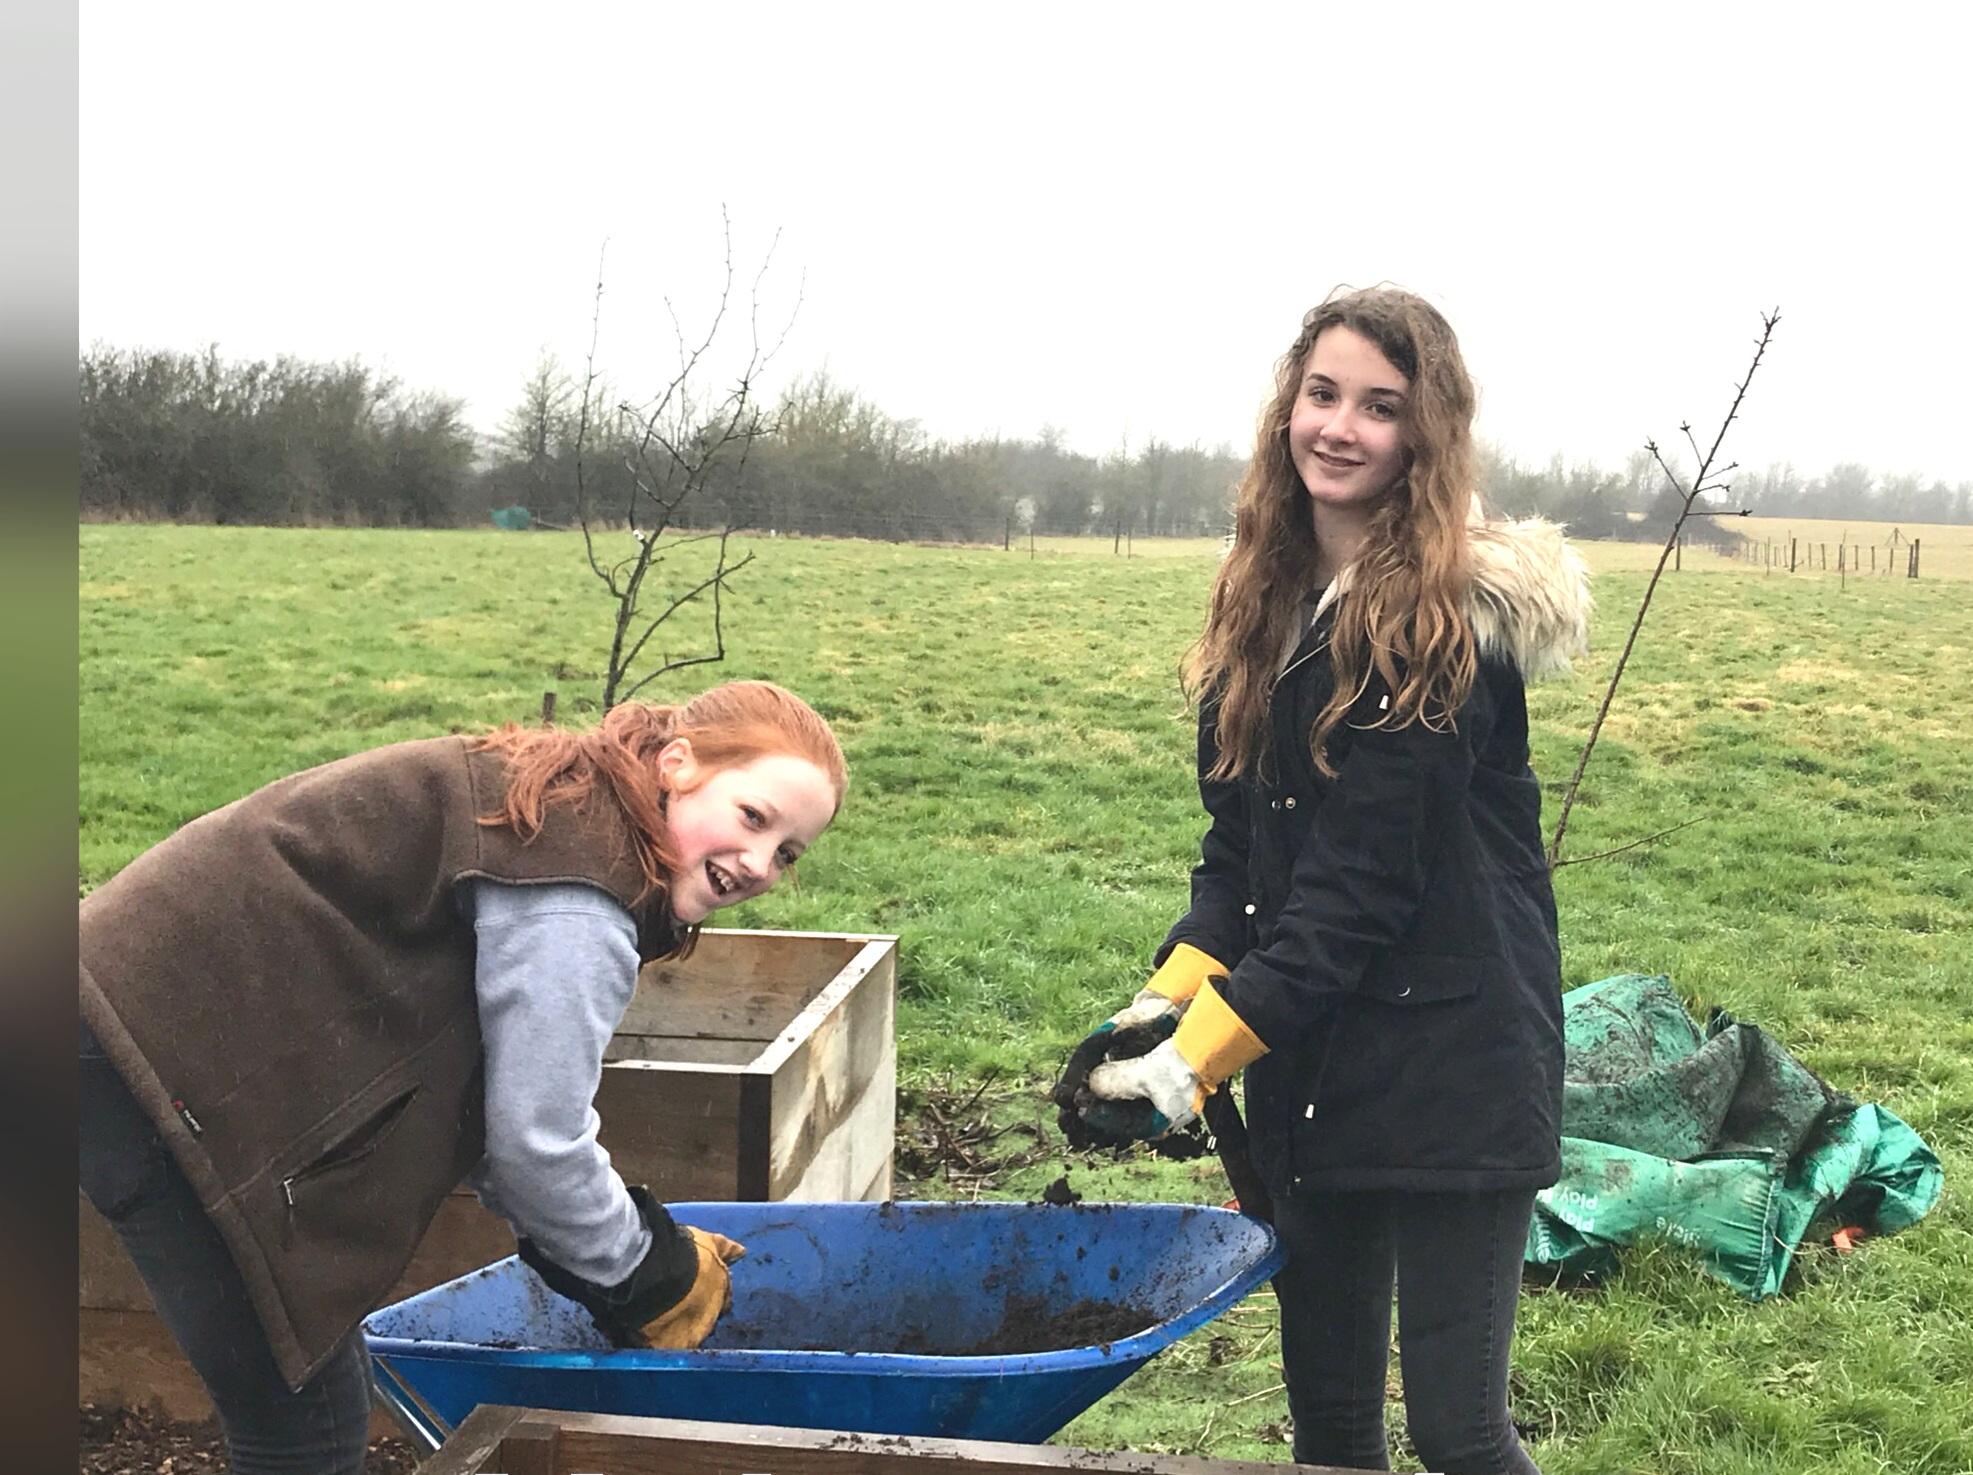 Tilda+and+Hattie+volunteering.jpg